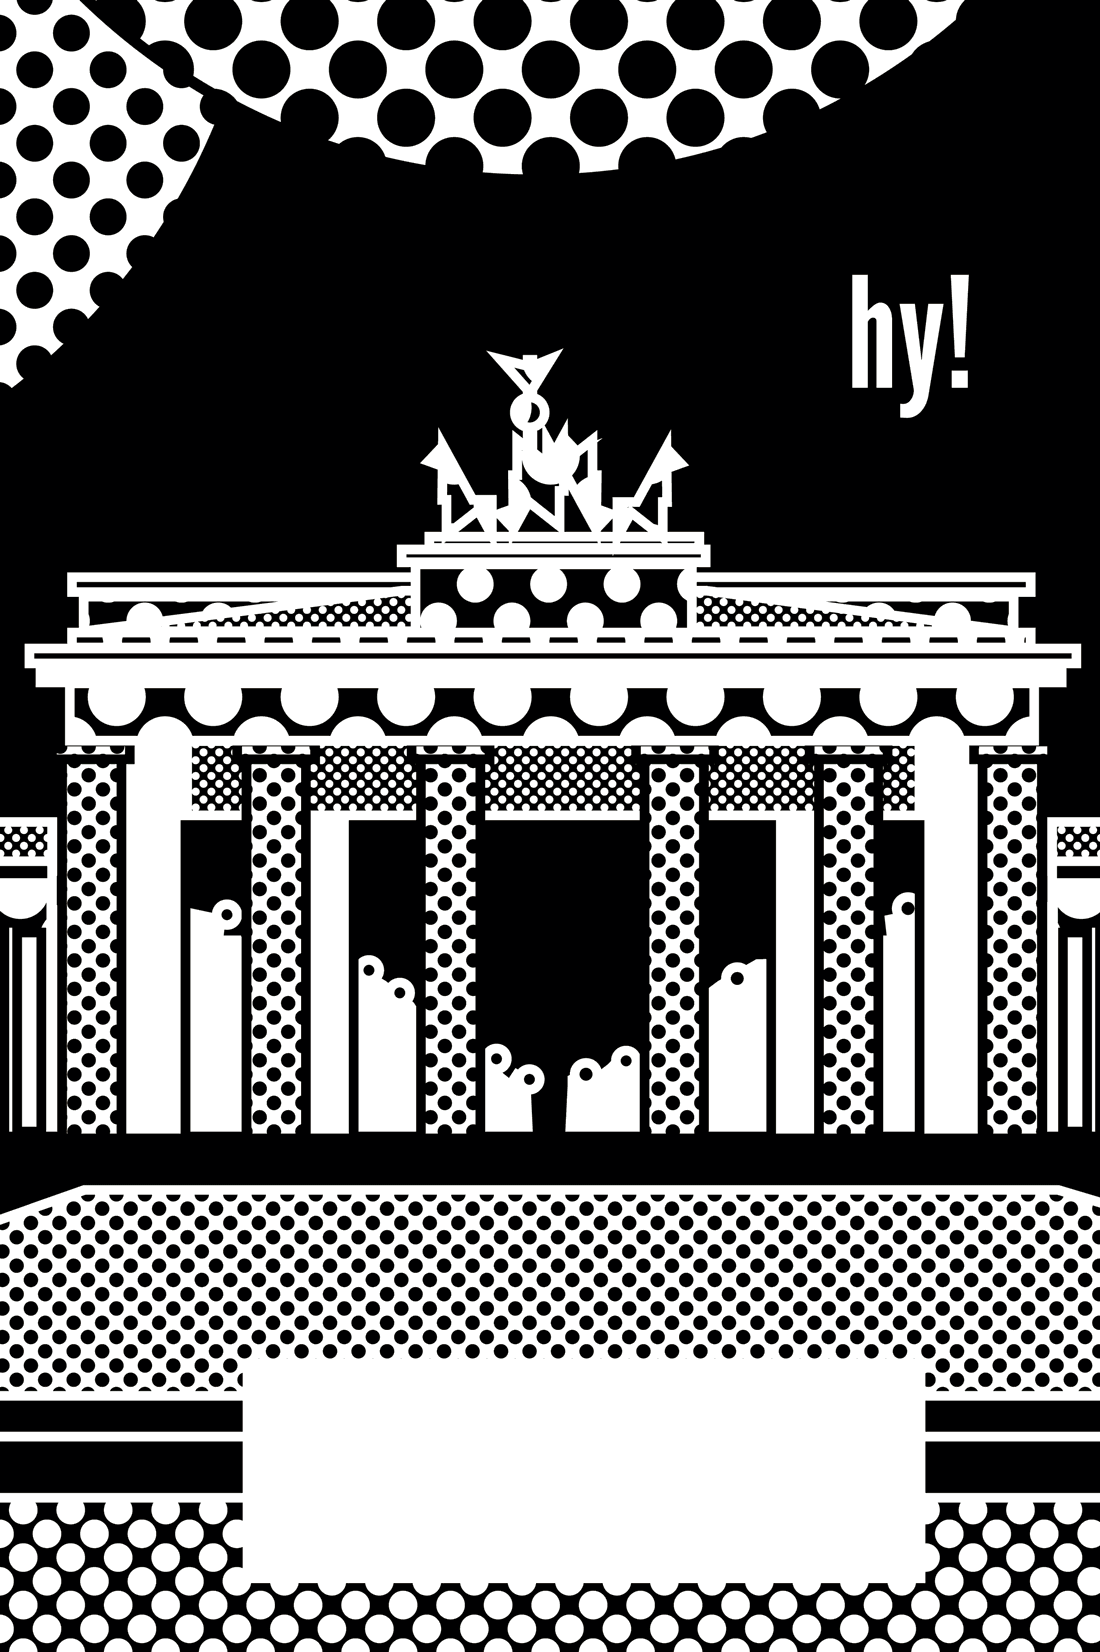 hy! Berlin